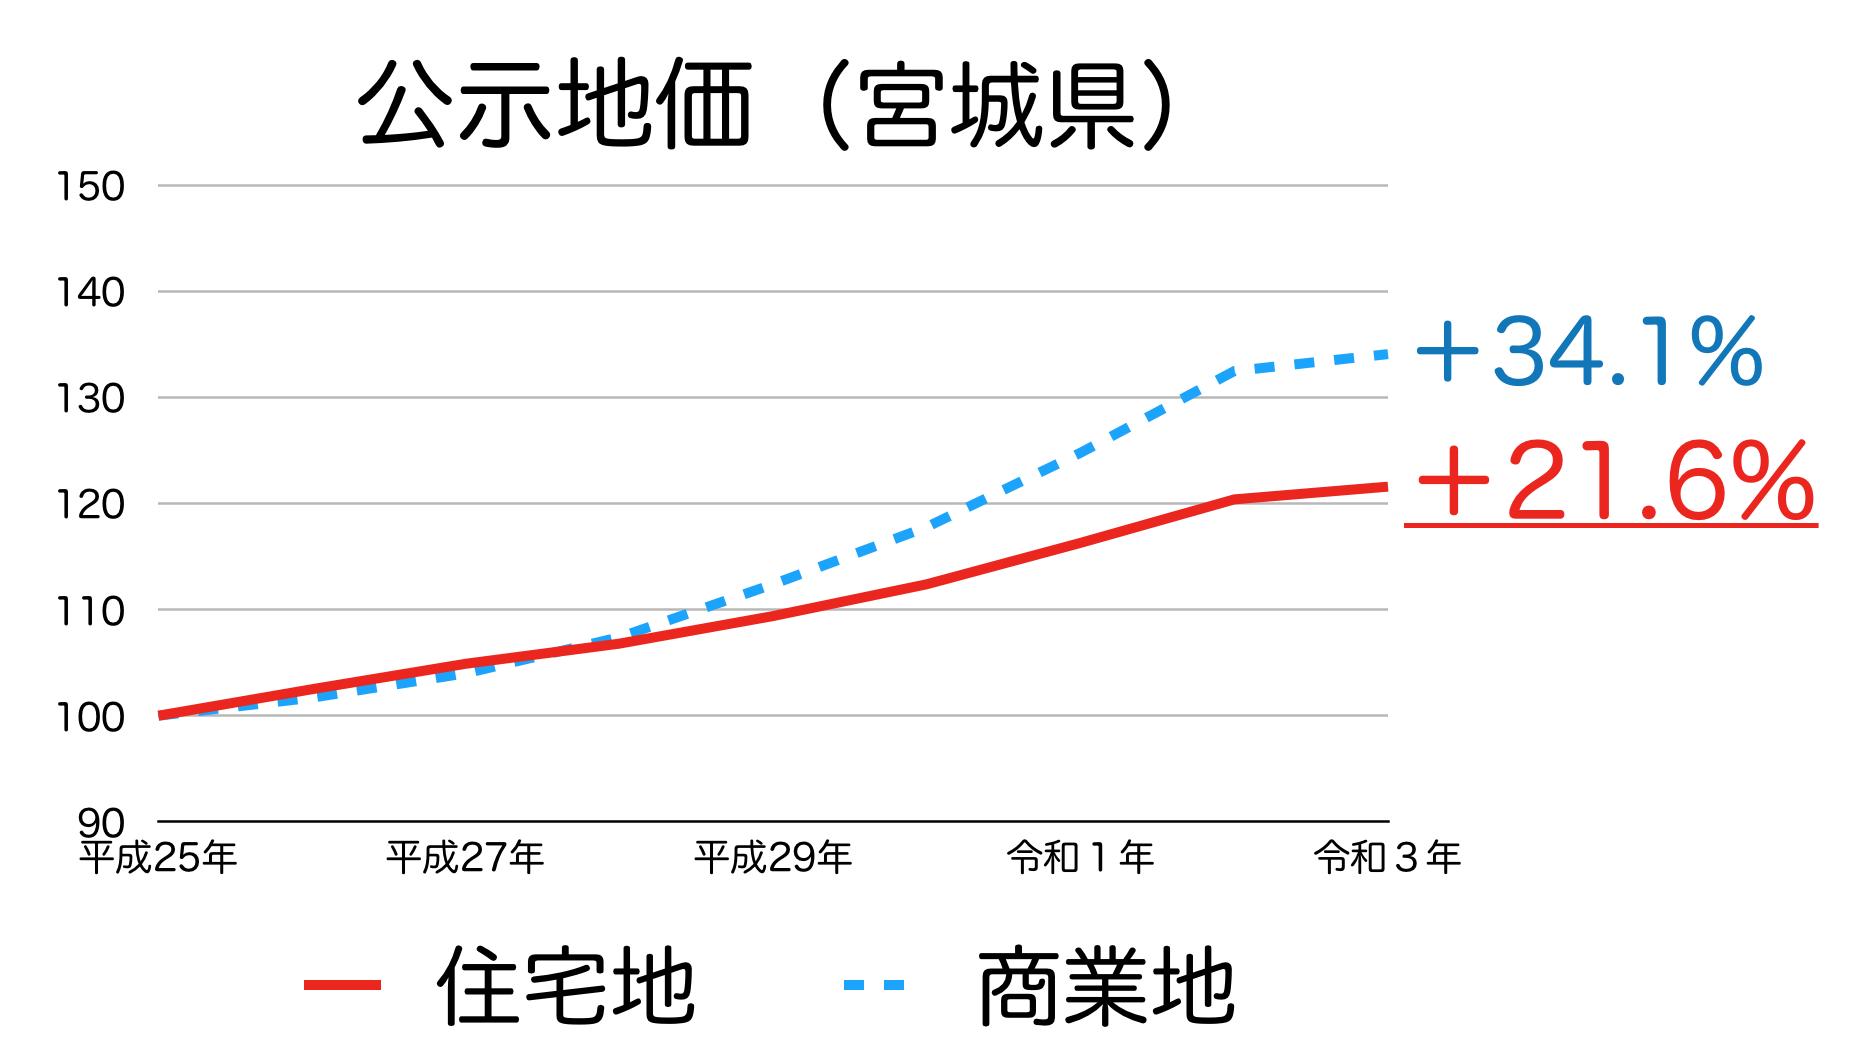 宮城県の公示地価の推移